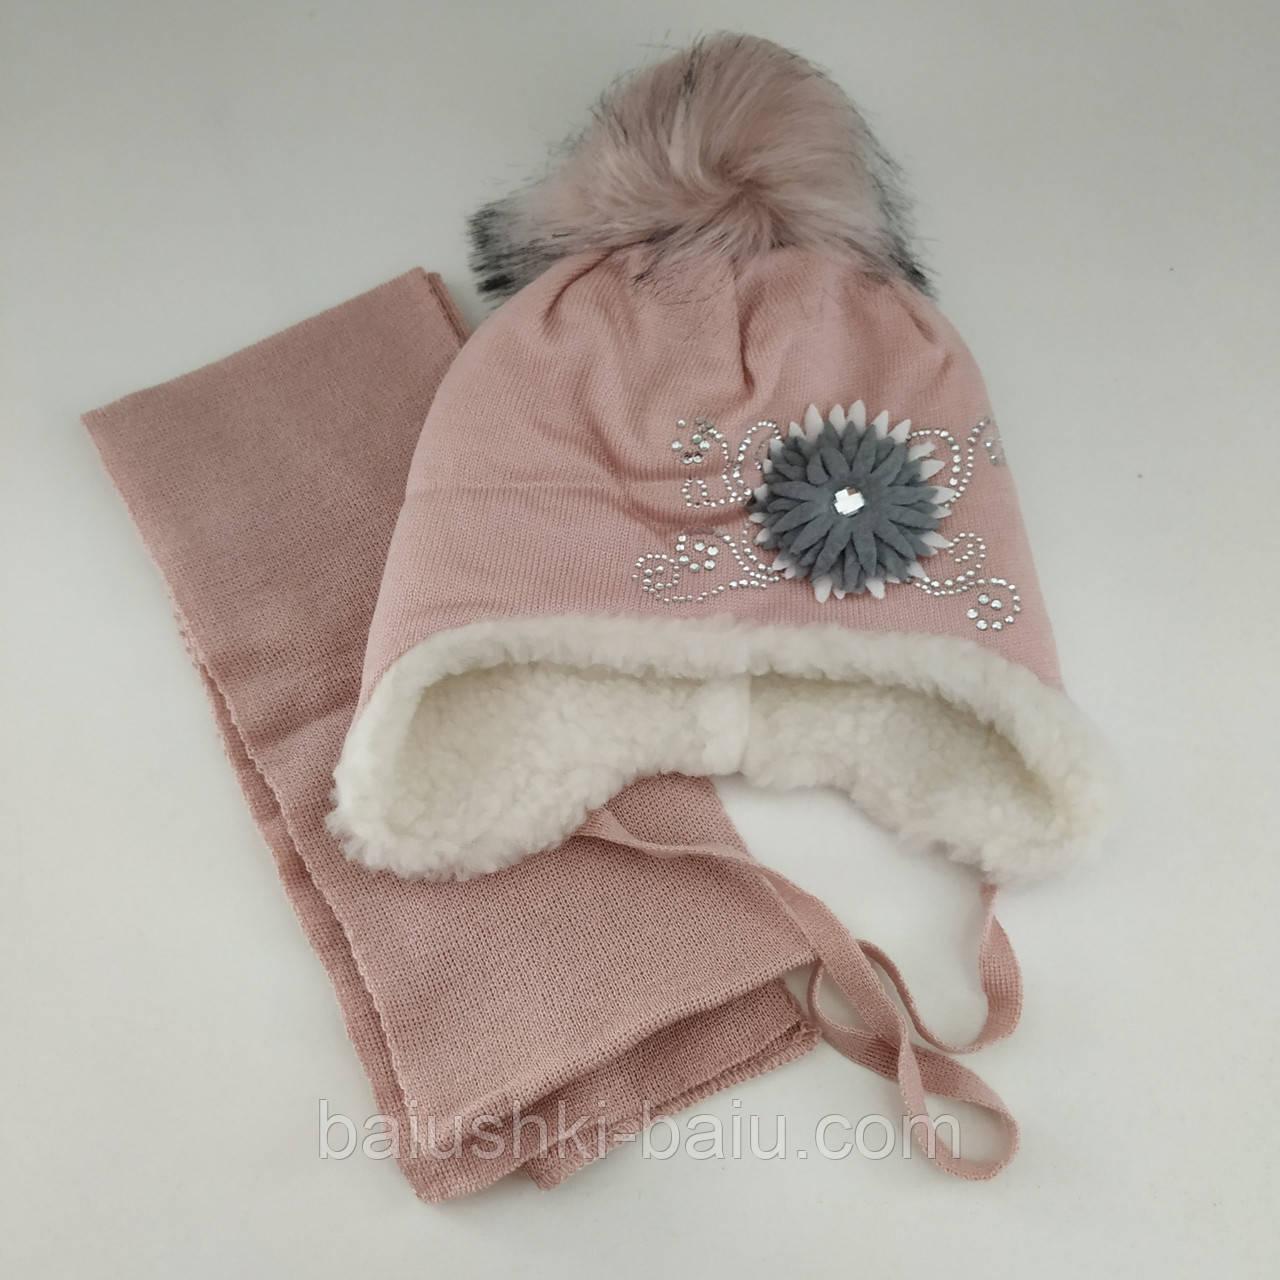 Комплект зимняя шапка на завязках и шарф для девочки (мех), р. 44-48 см/6-18 мес.